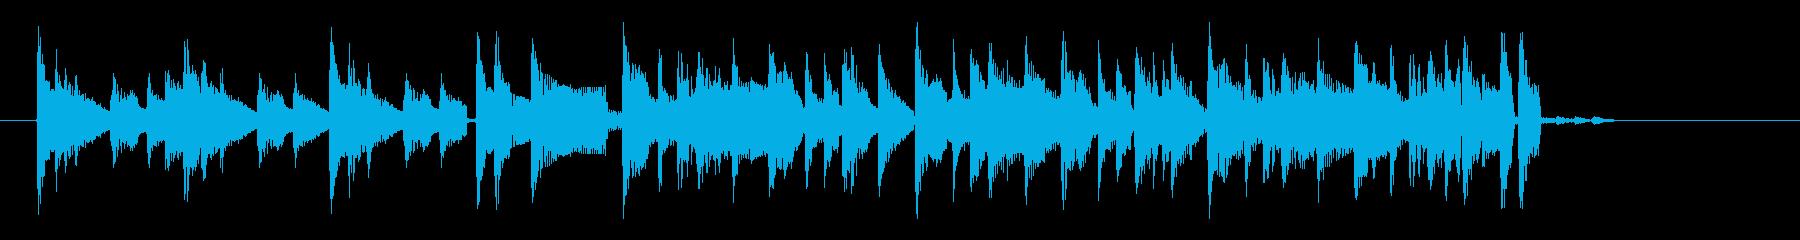 アコギによるクールなロックのジングル曲の再生済みの波形